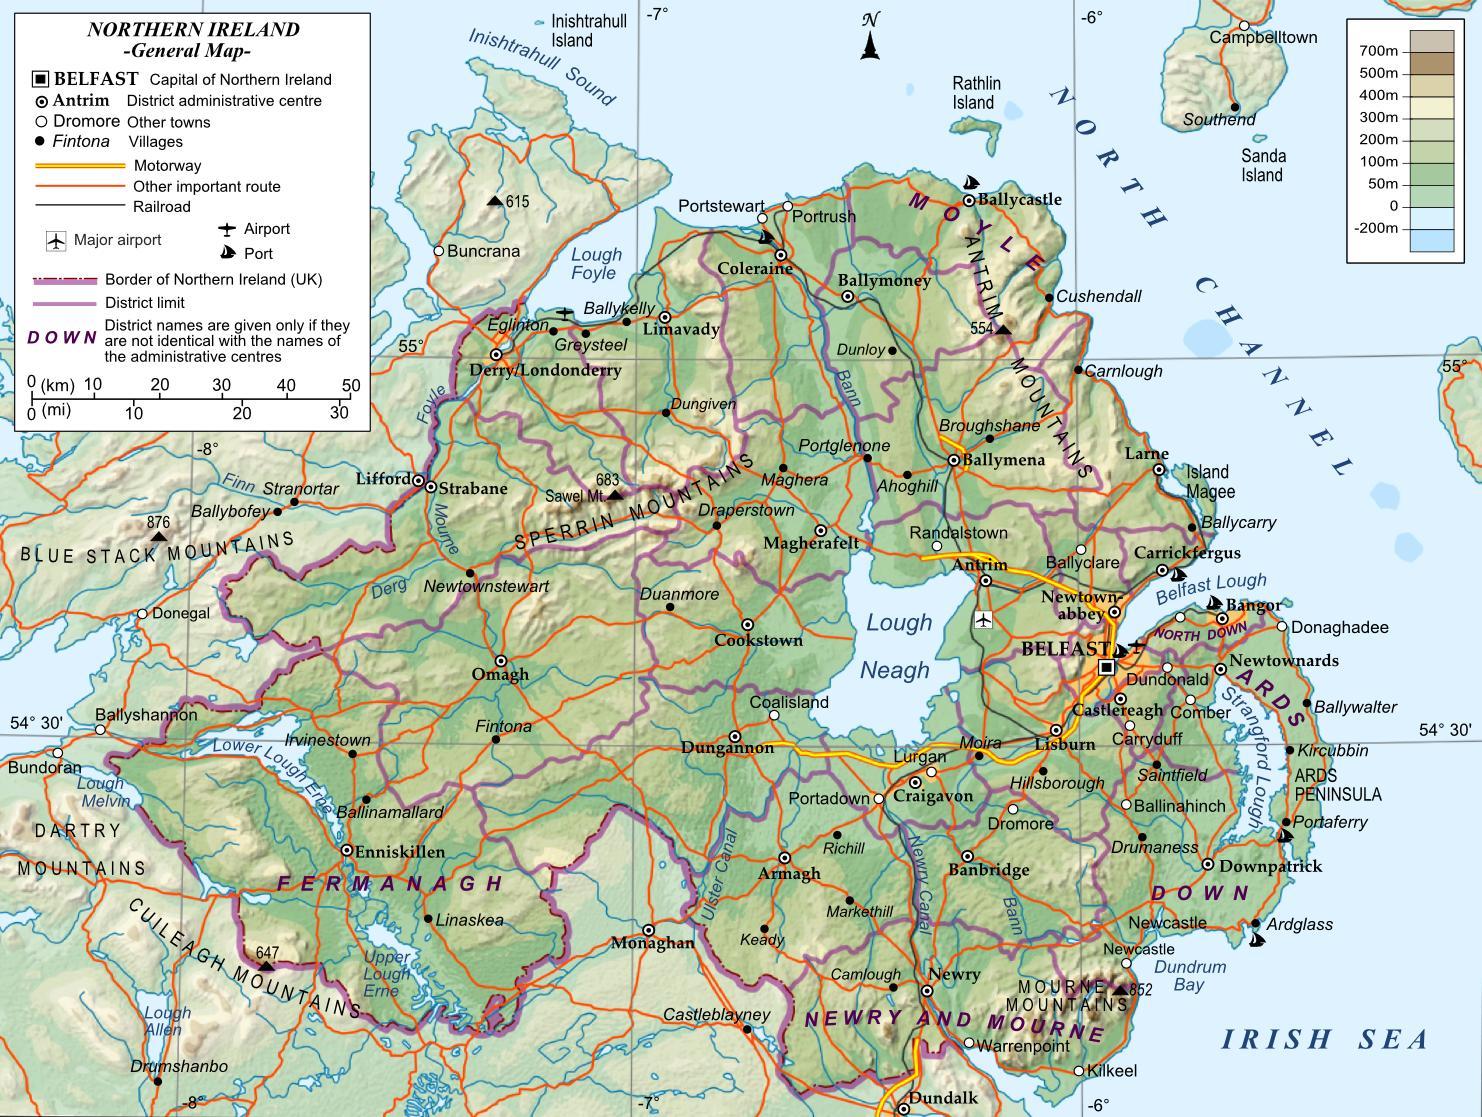 Mapa Irlanda Del Norte.Mapa De Irlanda Del Norte Un Mapa De Irlanda Del Norte El